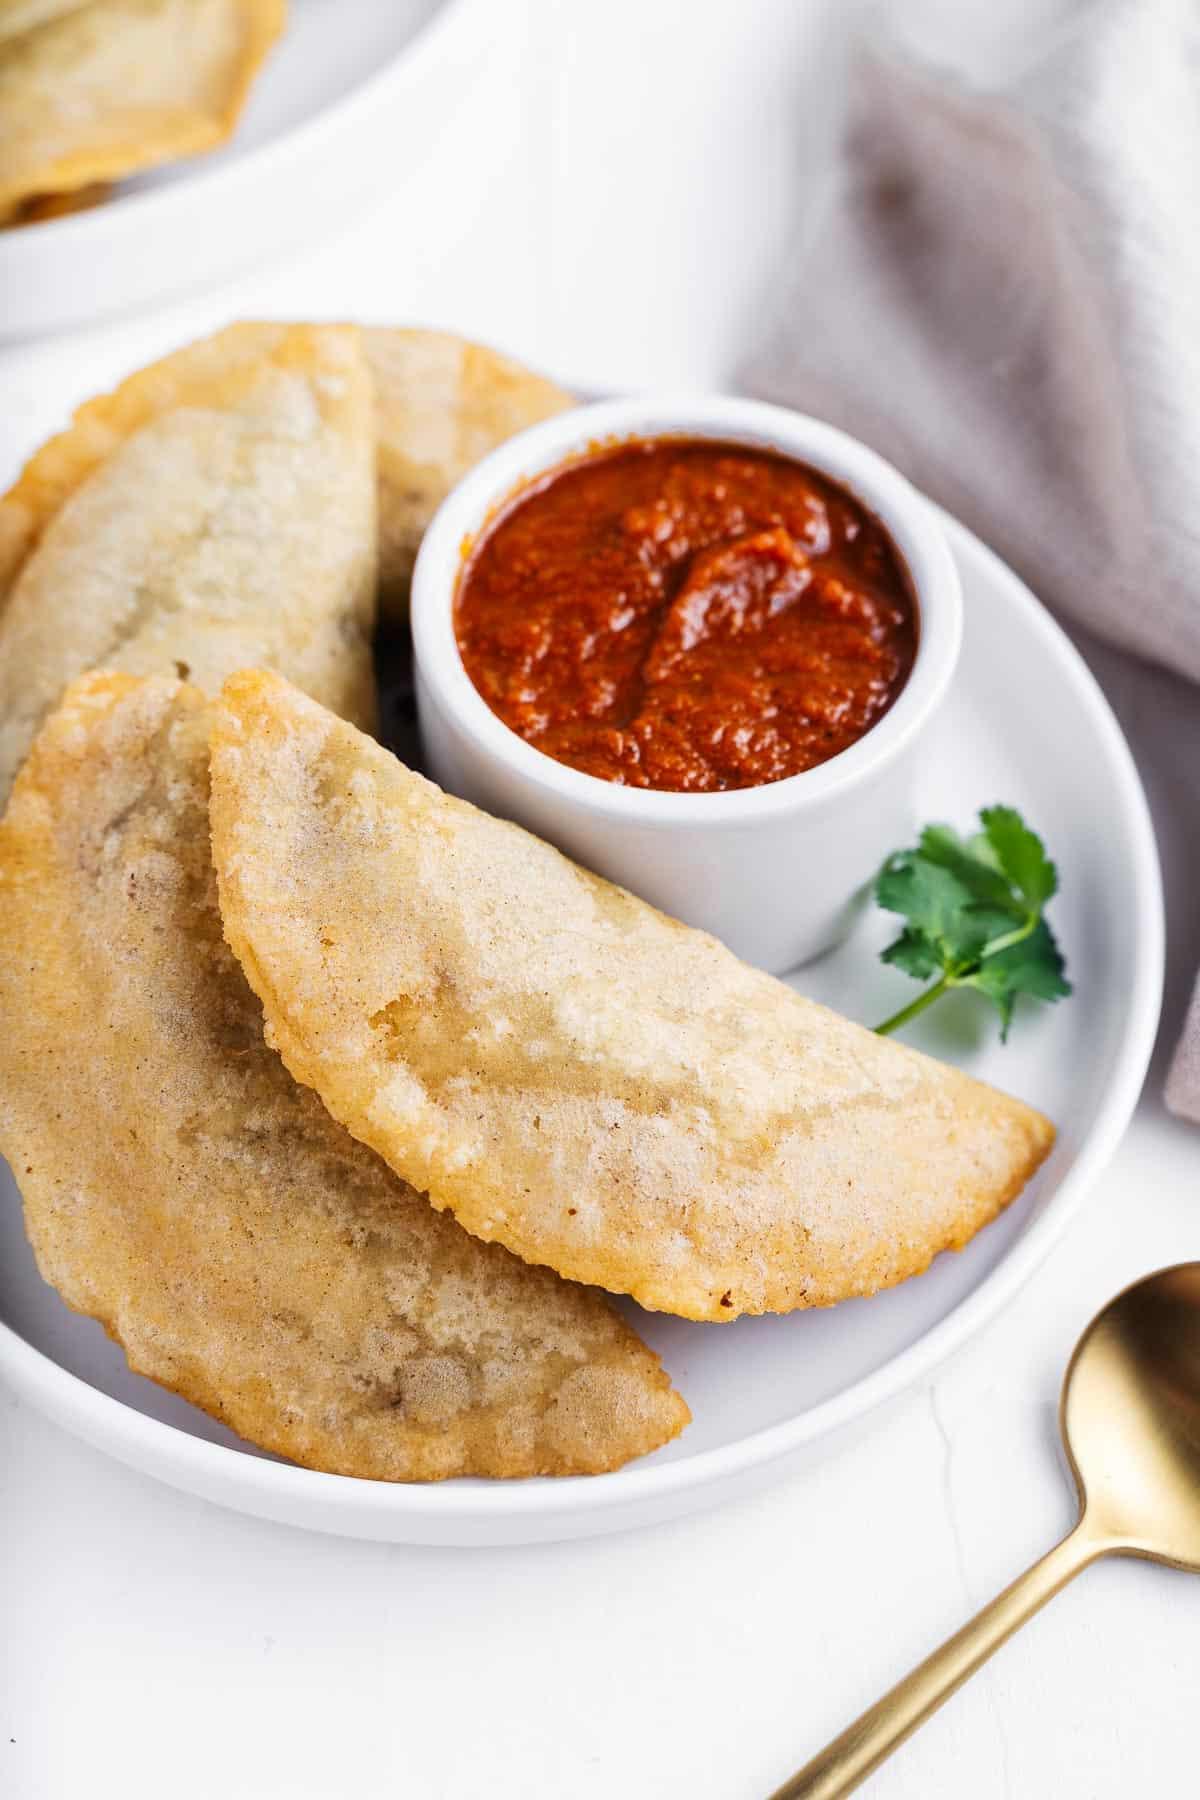 Easy Empanadas Recipe Made With Corn Dough